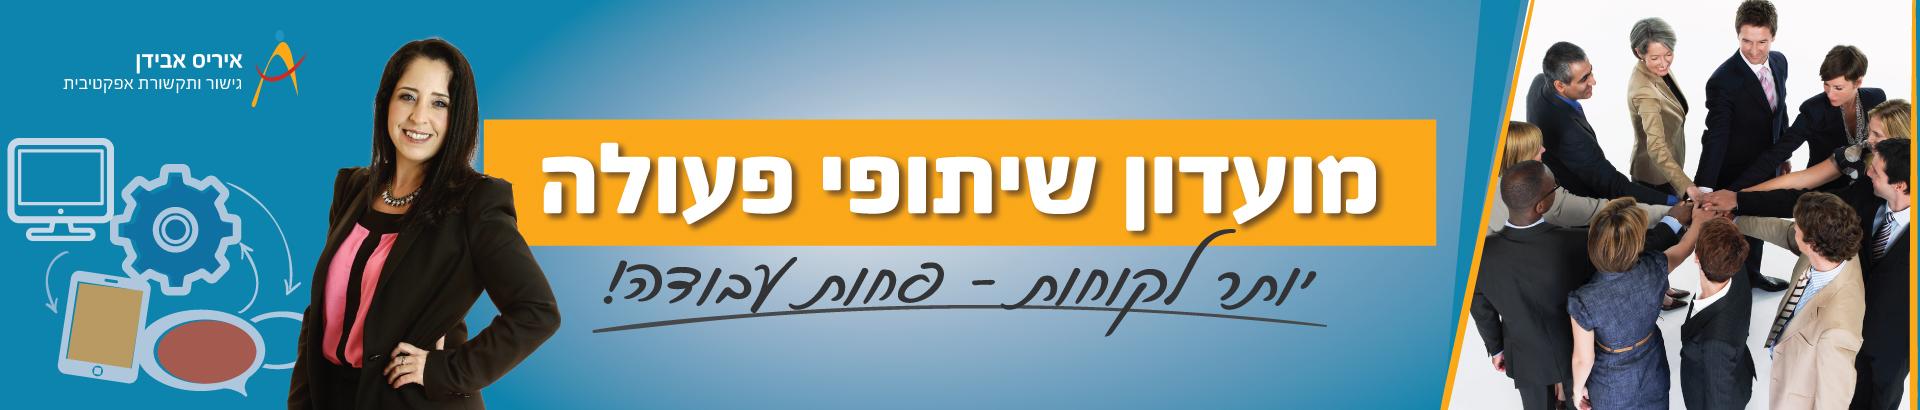 אתר החברים במועדון שיתופי הפעולה של איריס אבידן